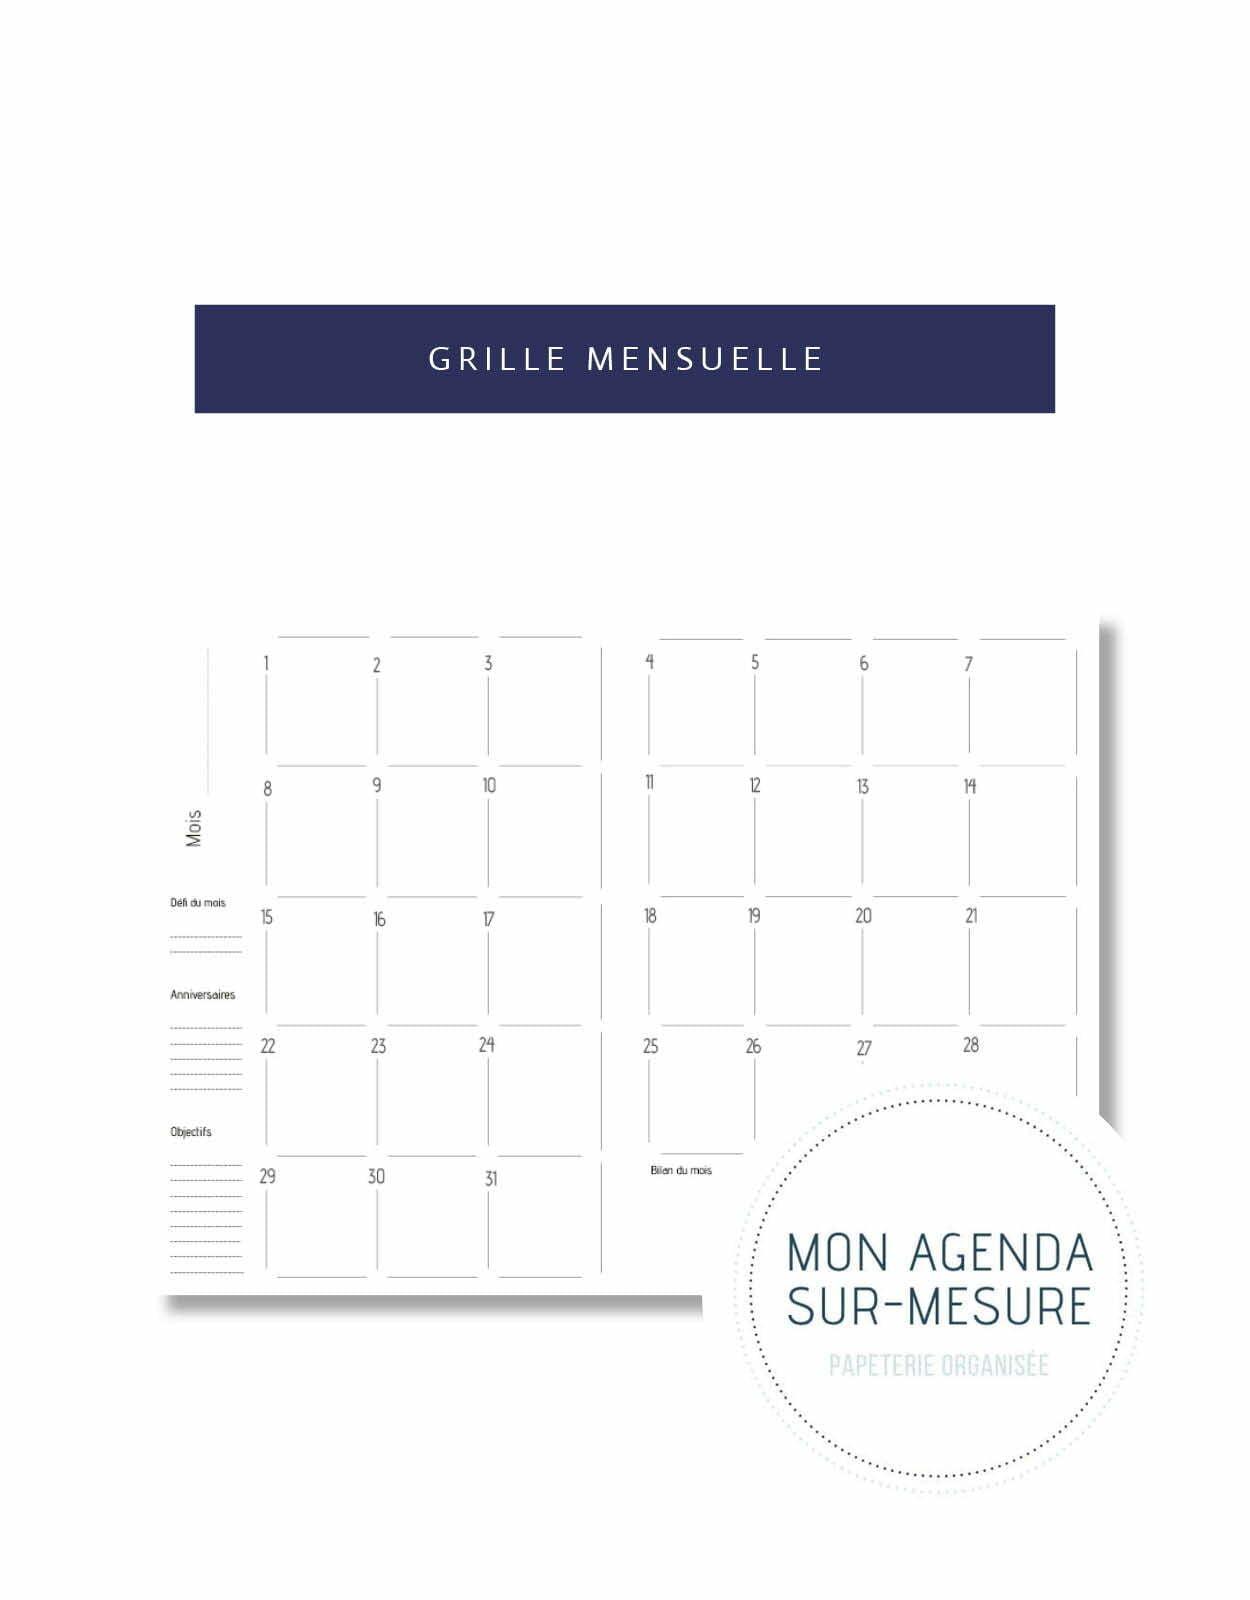 page-agenda-sur-mesure-grille-mensuelle